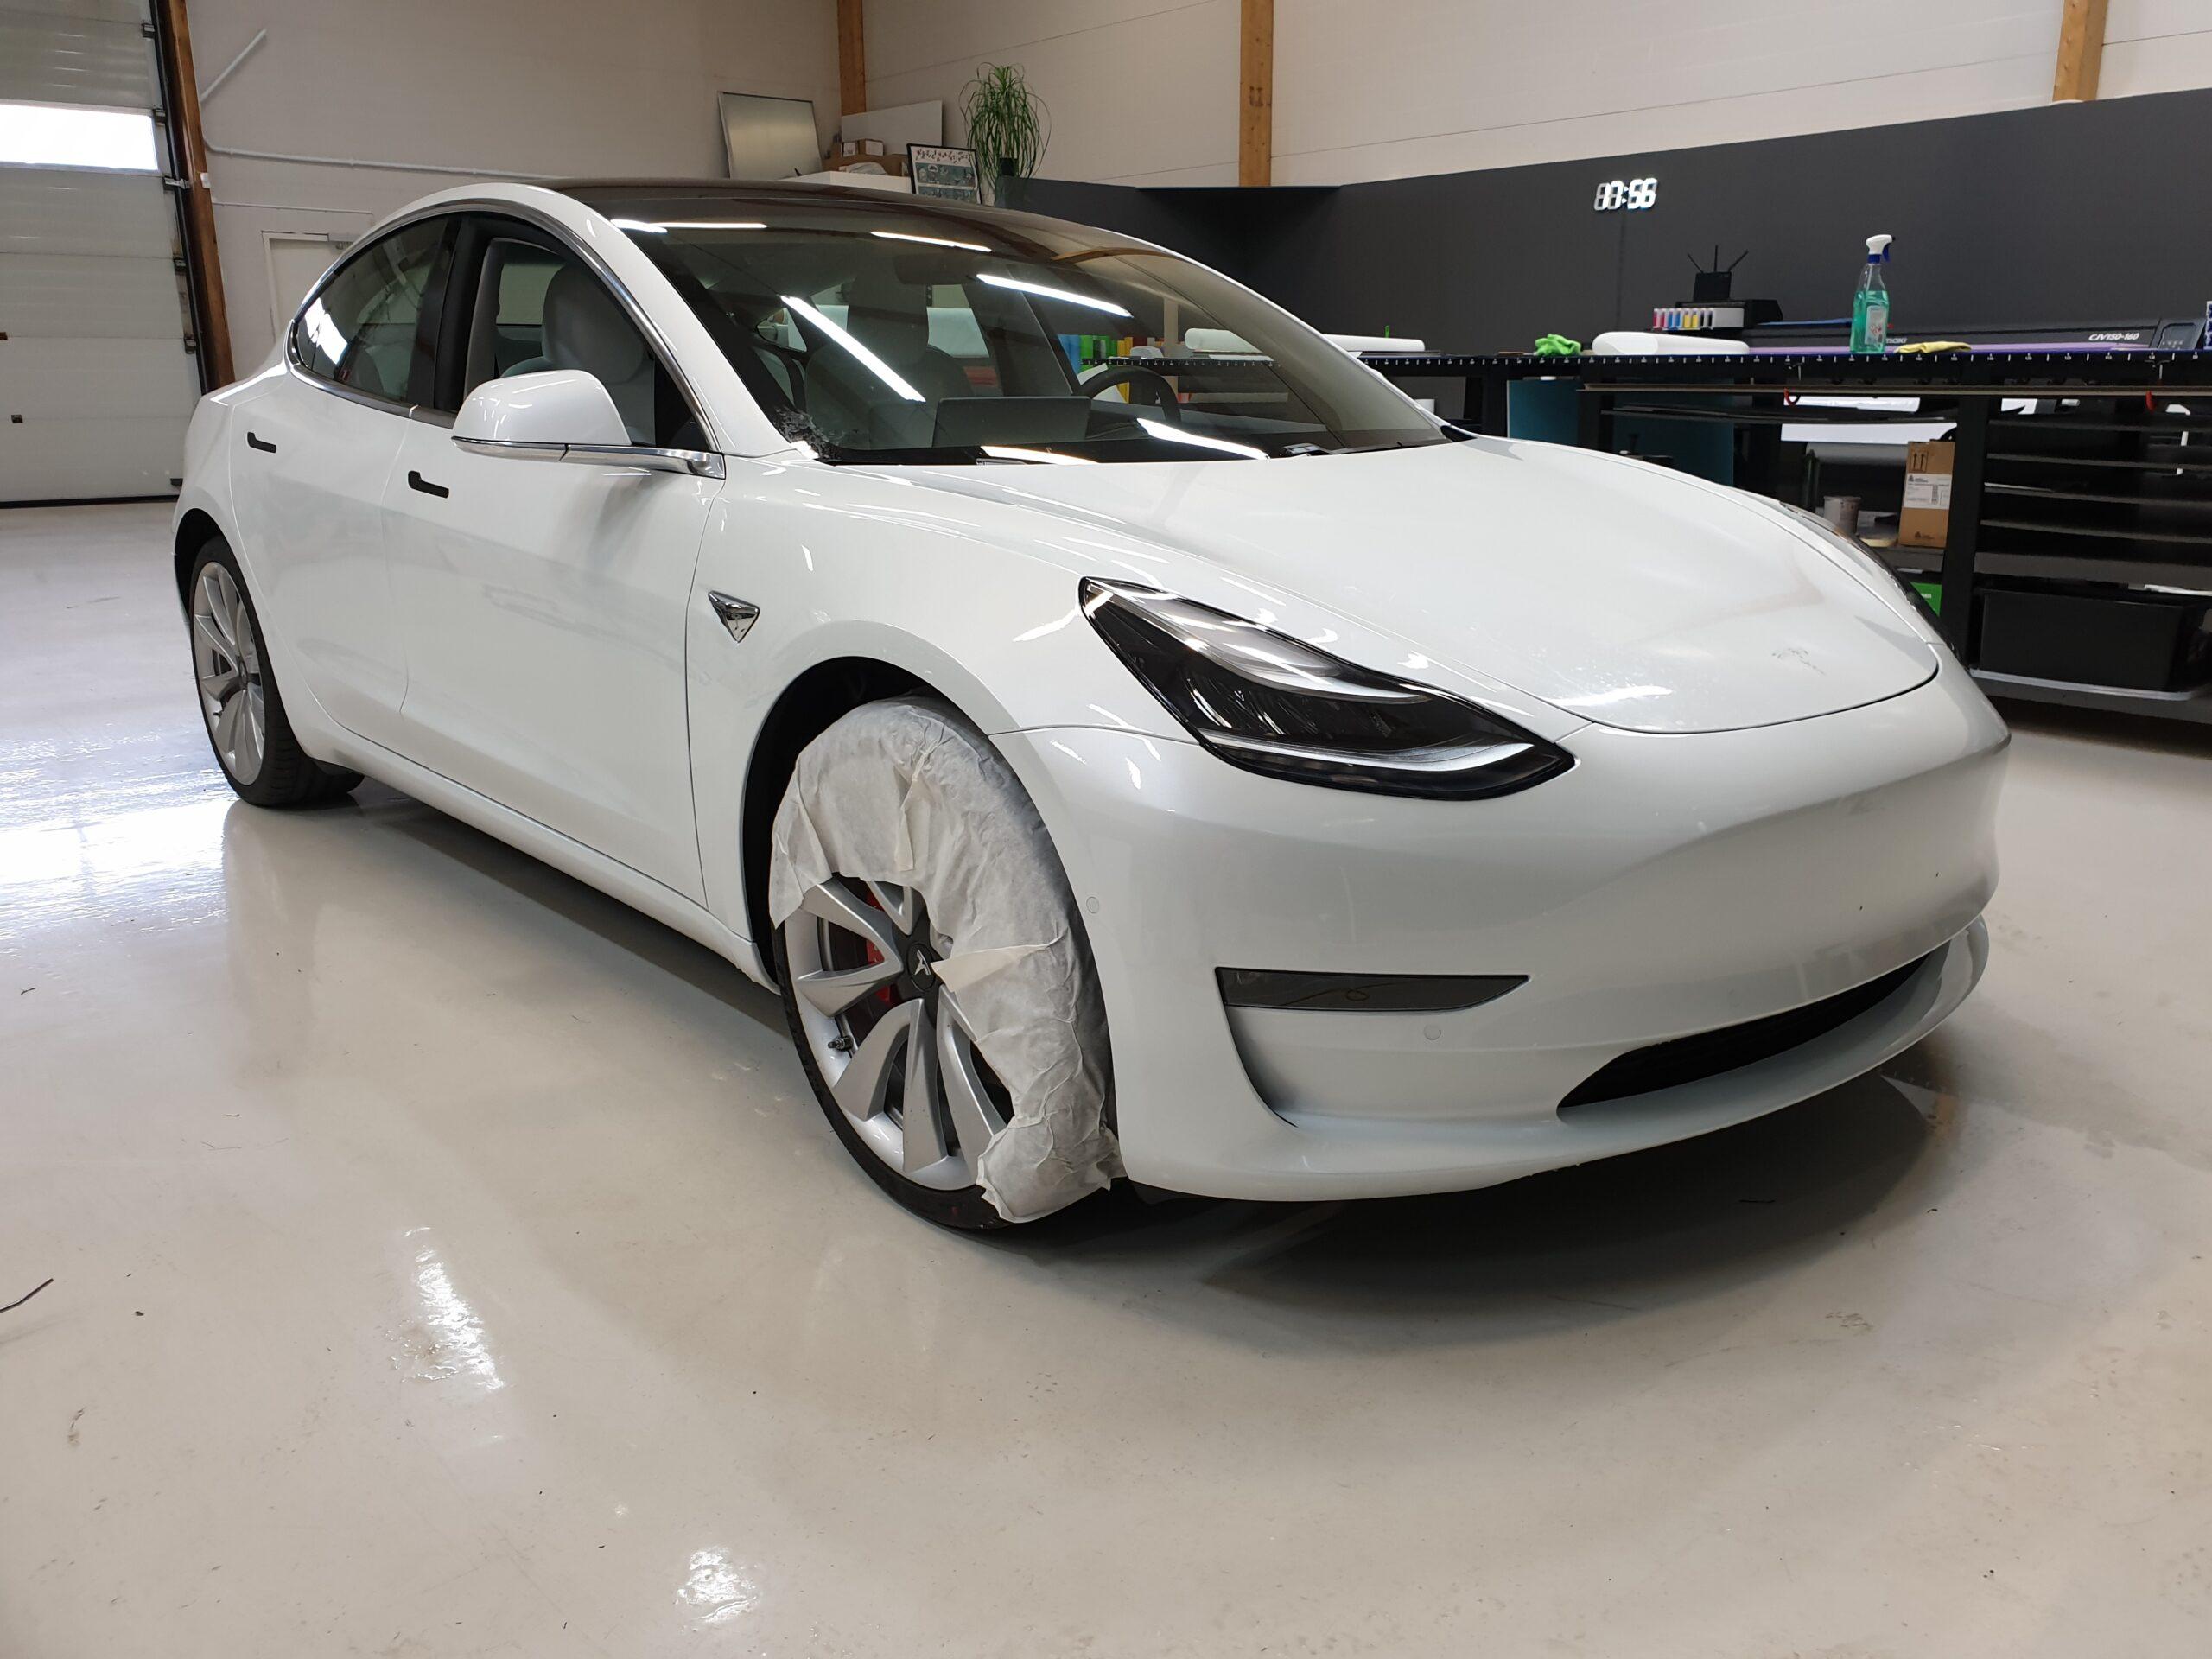 Skyddsfilm på Tesla Model 3